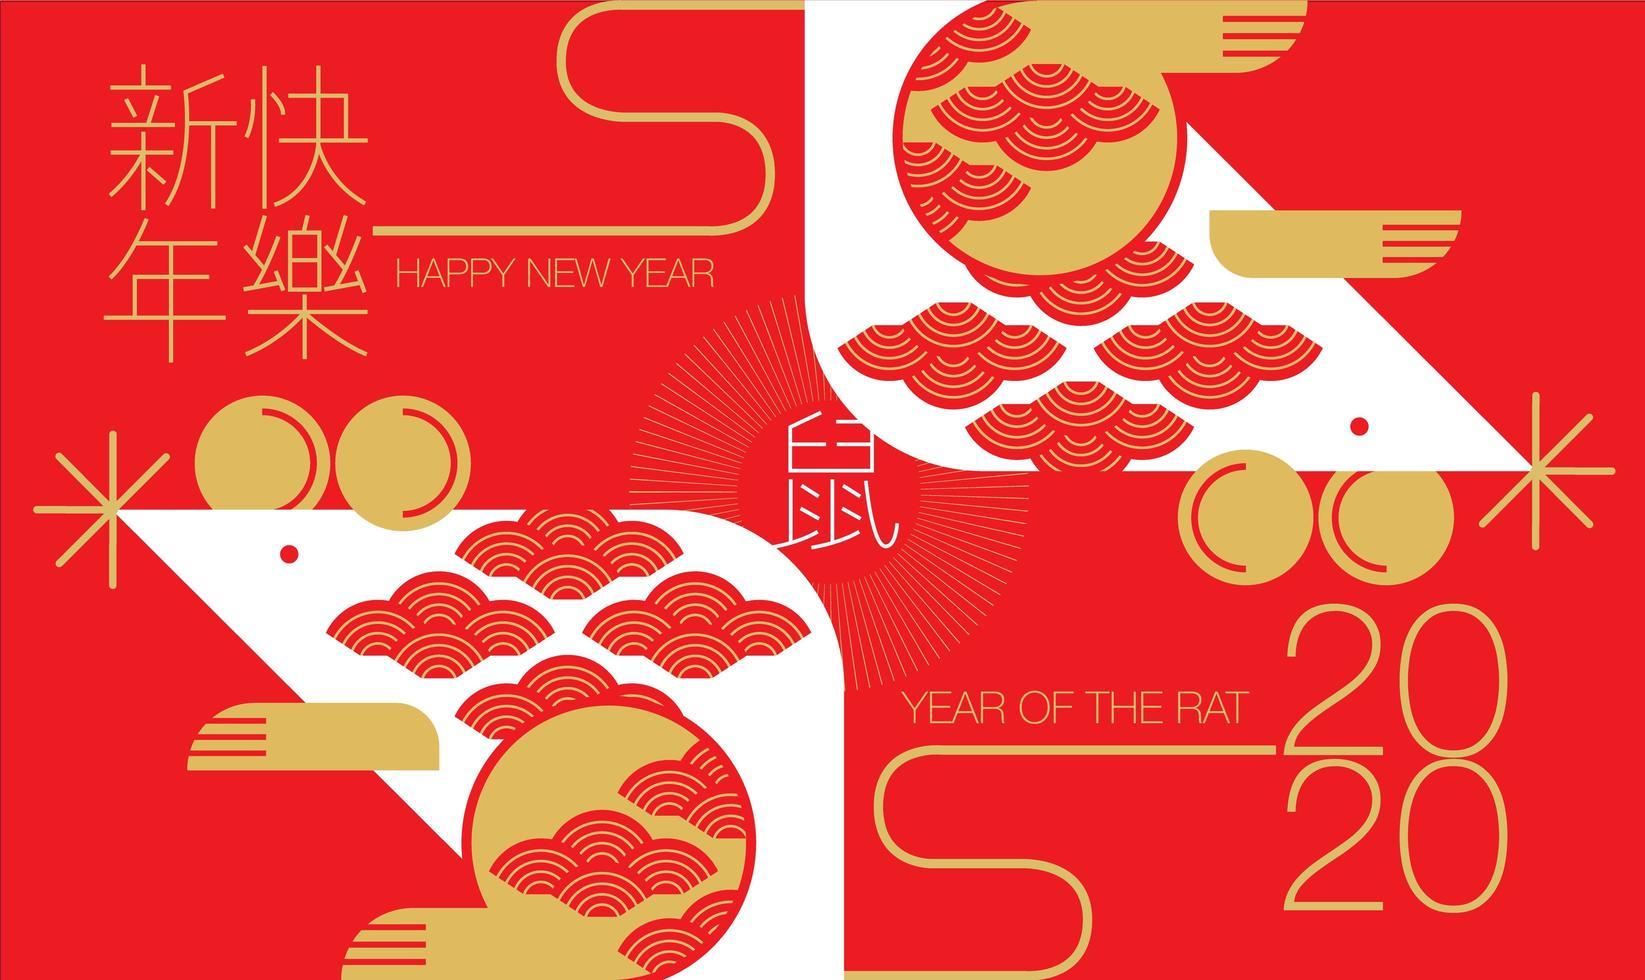 affiche du nouvel an chinois 2020 rouge avec deux rats vecteur